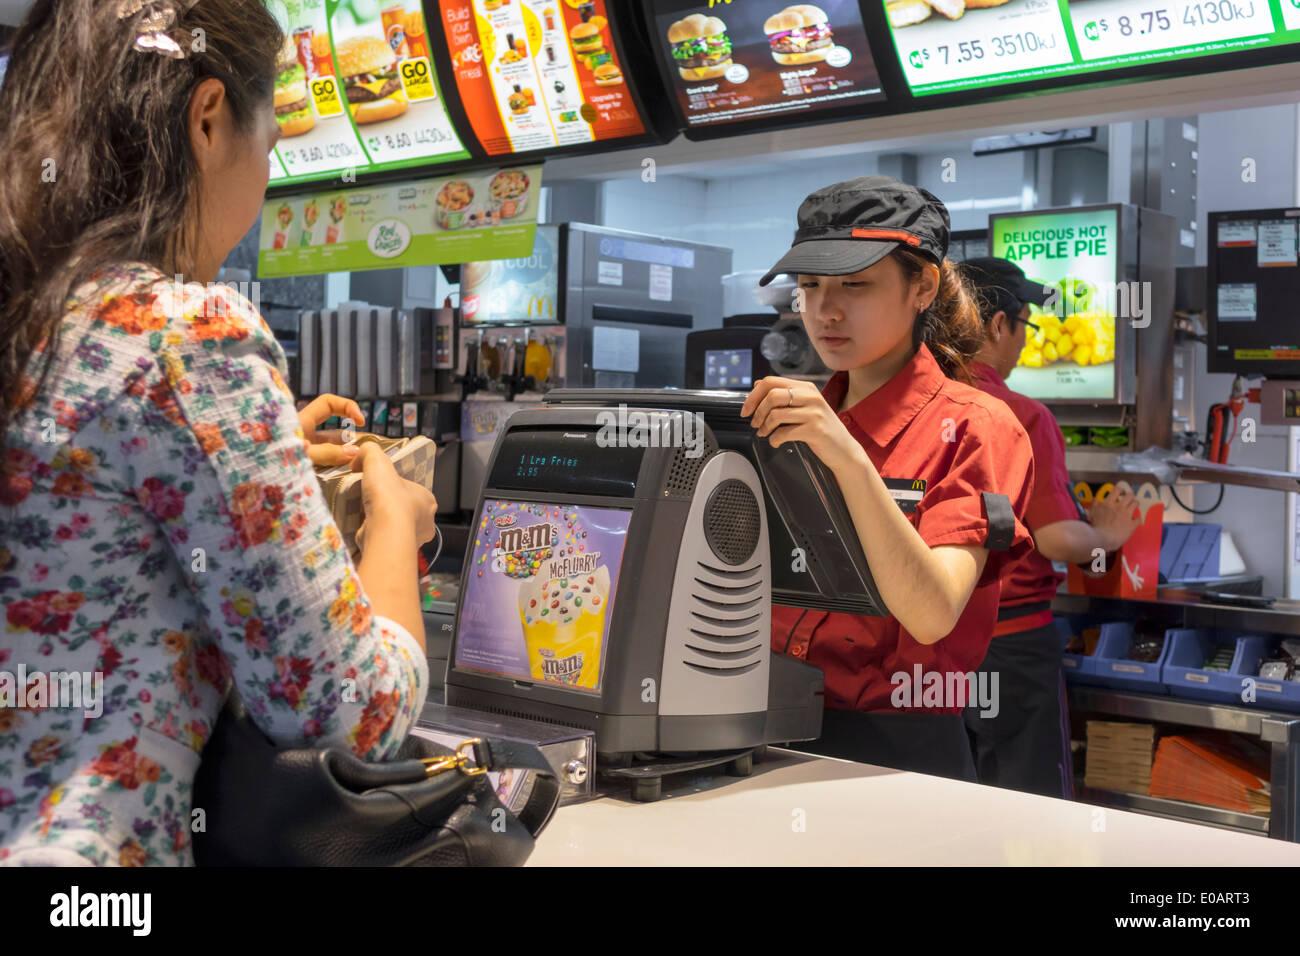 Sydney Australia NSW New South Wales CBD Central Business District Circular Quay McDonald's ristorante fast food ordinazione contatore donna asiatica job empl Immagini Stock